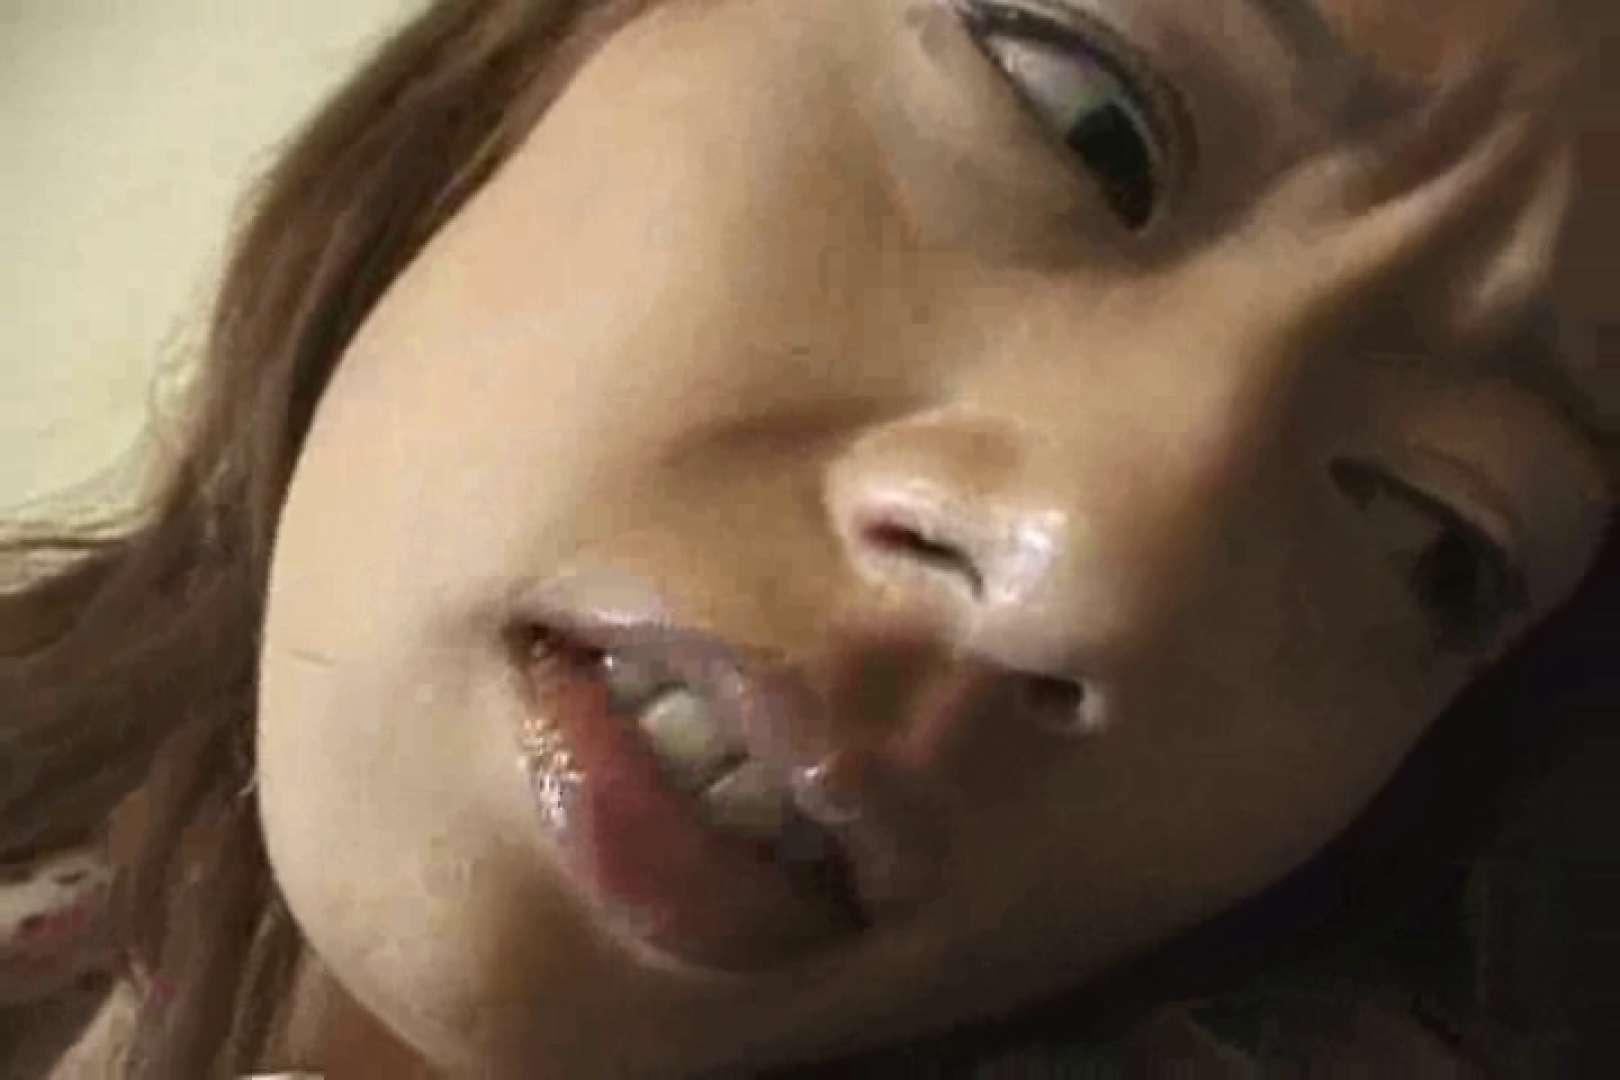 セックスアダルト動画|仁義なきキンタマ 伊藤孝一のアルバム|大奥